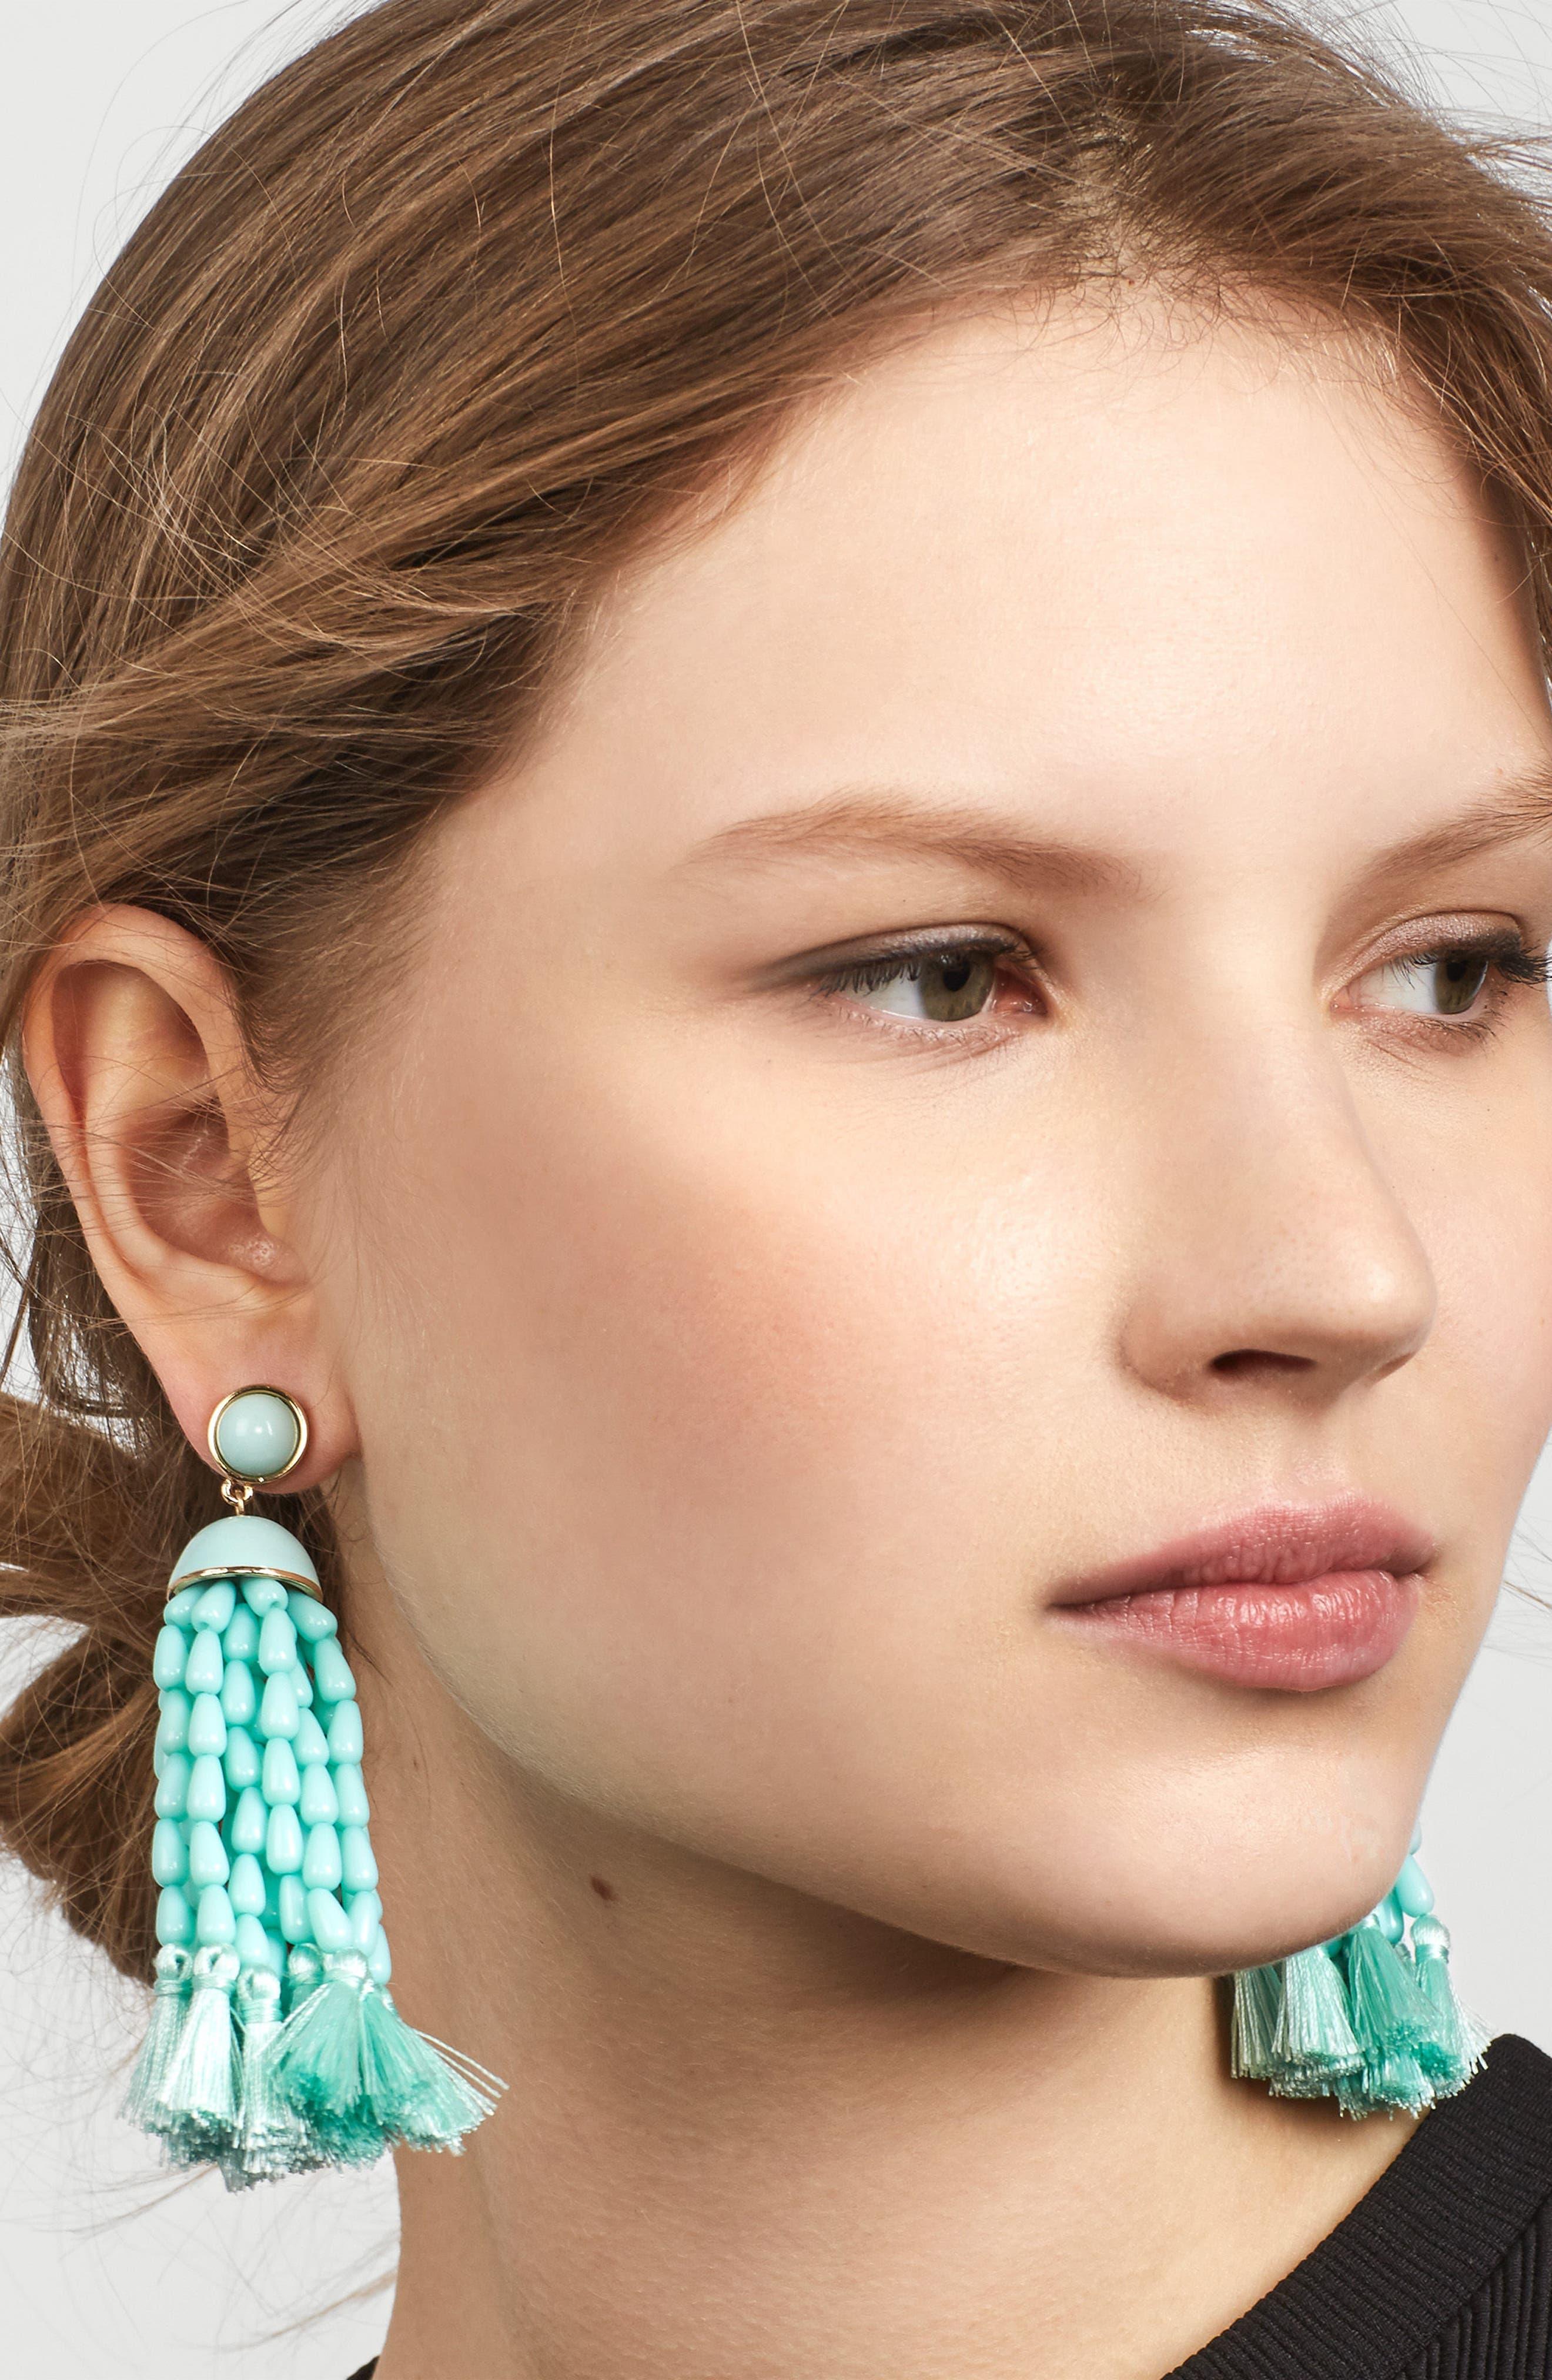 Margarita Beaded Tassel Earrings,                             Alternate thumbnail 2, color,                             410